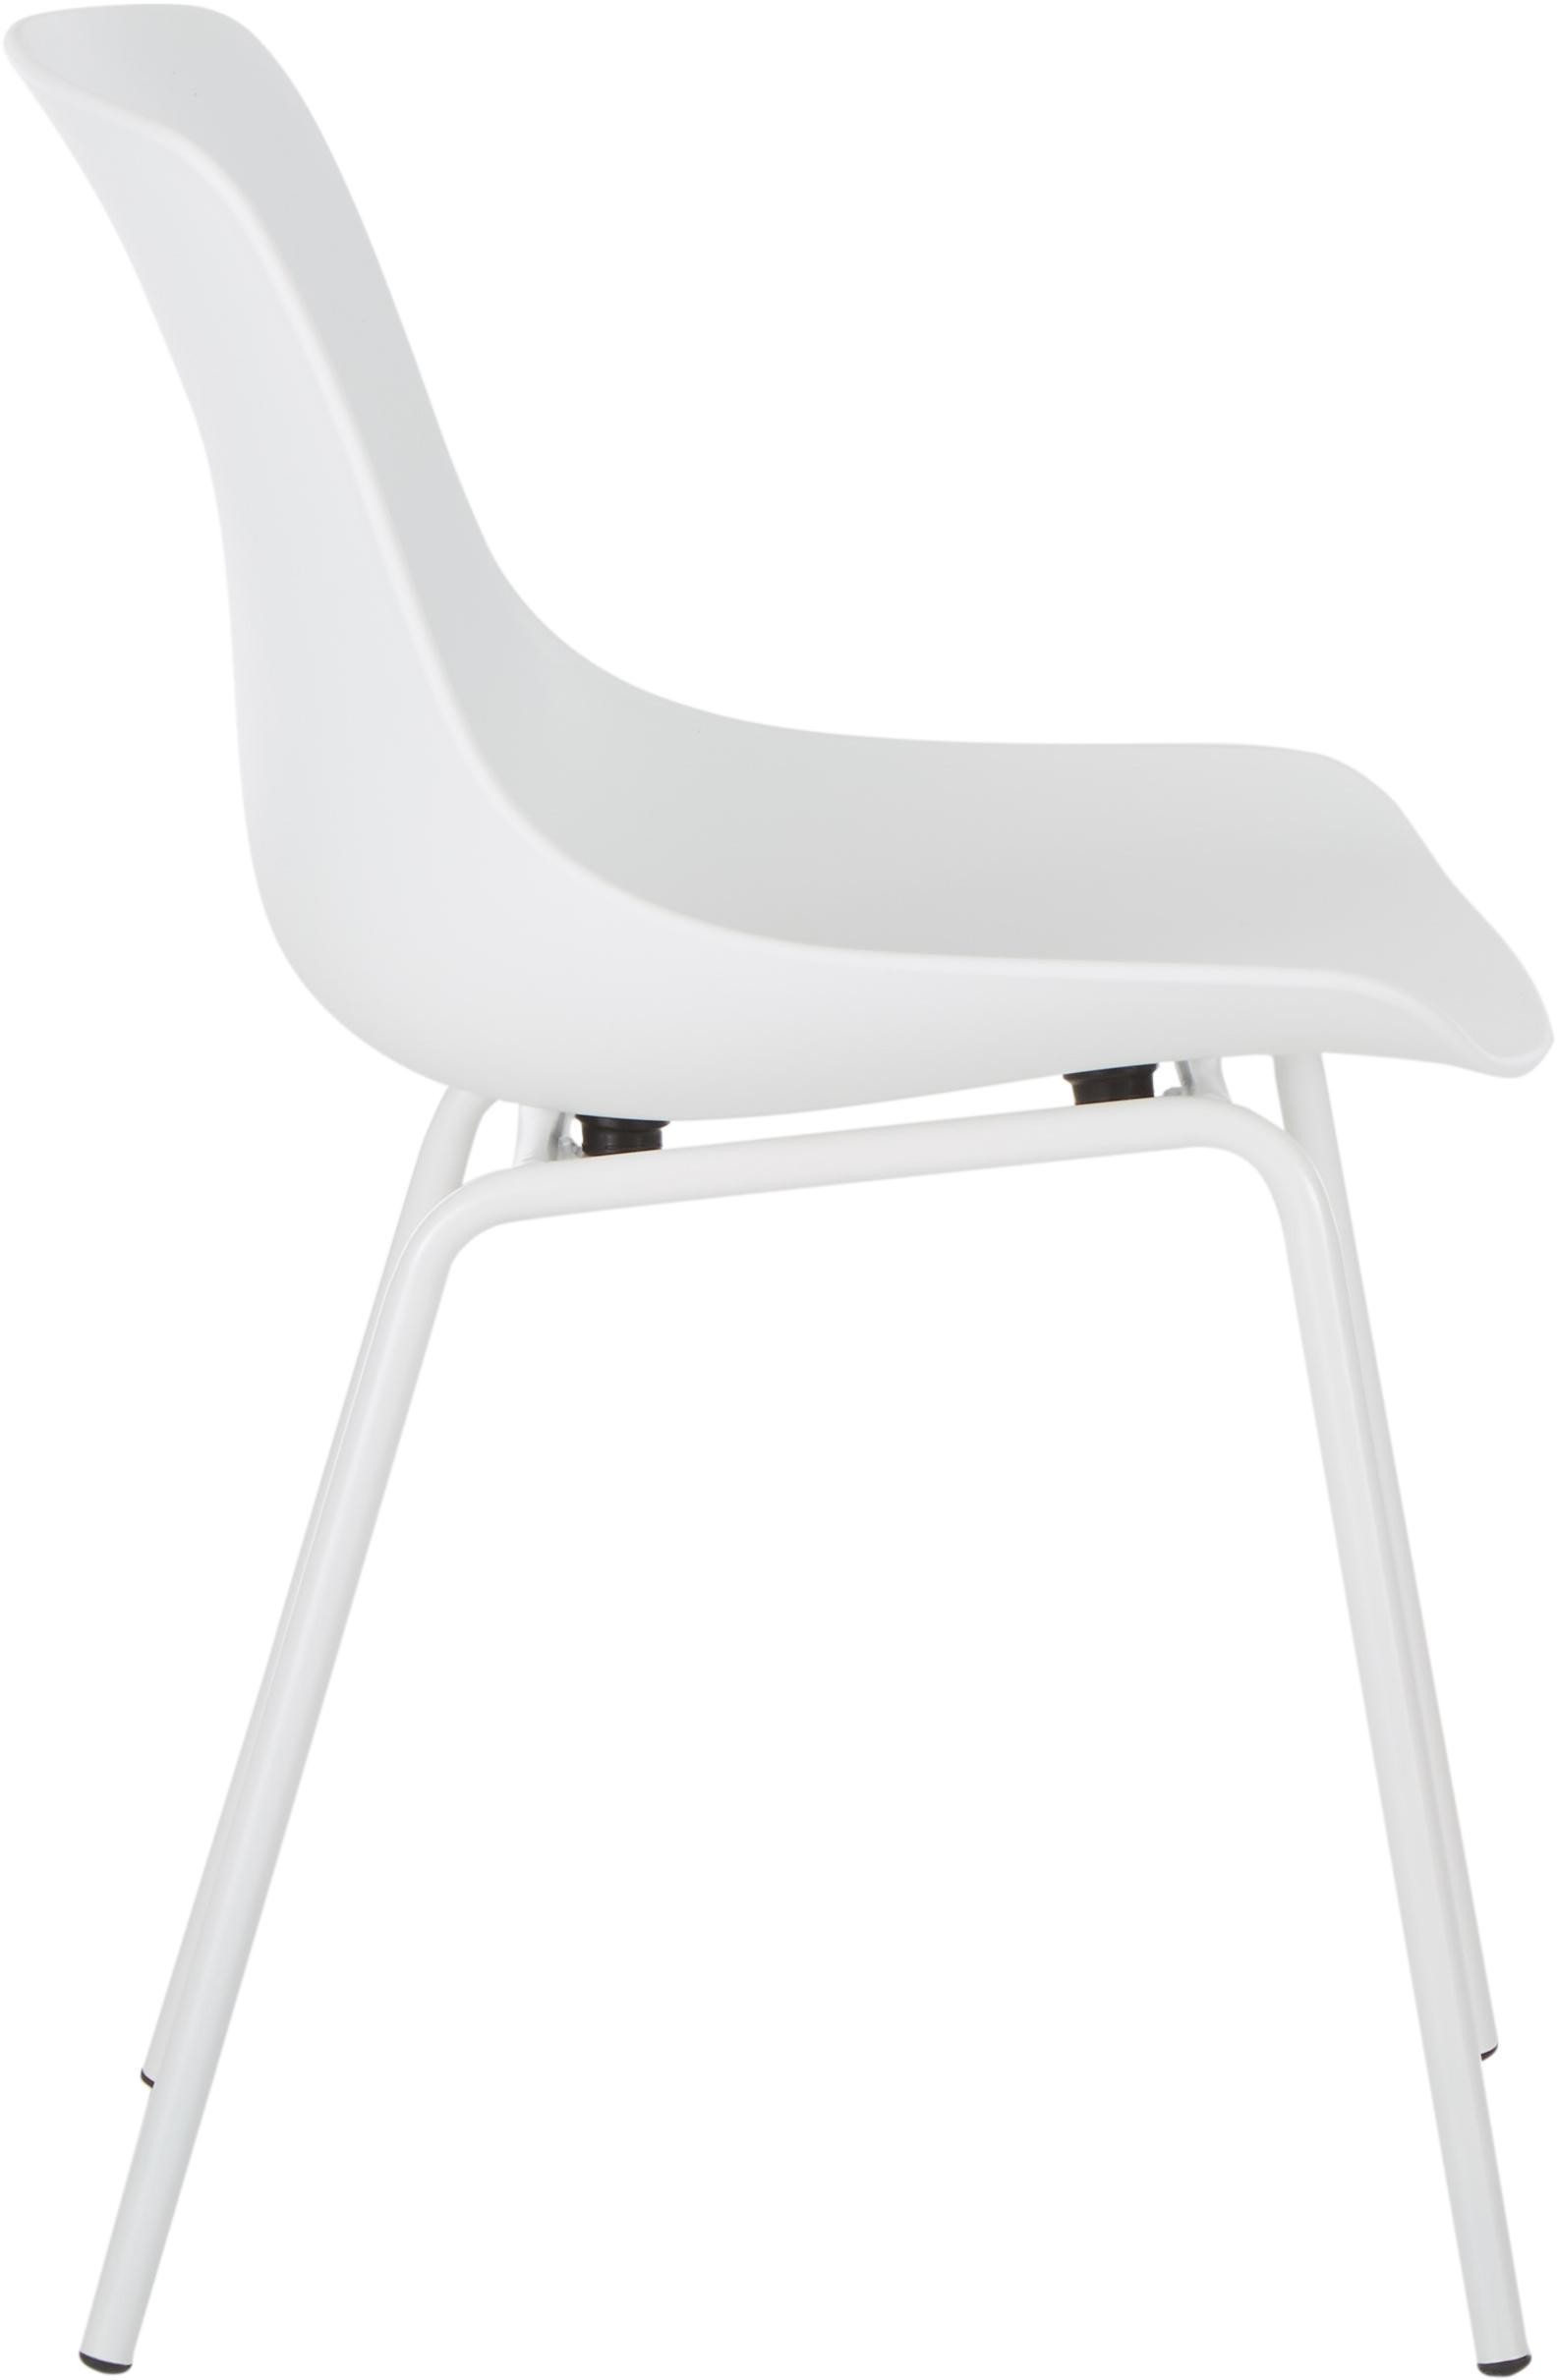 Kunststoffstühle Dave mit Metallbeinen, 2 Stück, Sitzfläche: Kunststoff, Beine: Metall, pulverbeschichtet, Weiß, B 46 x T 53 cm